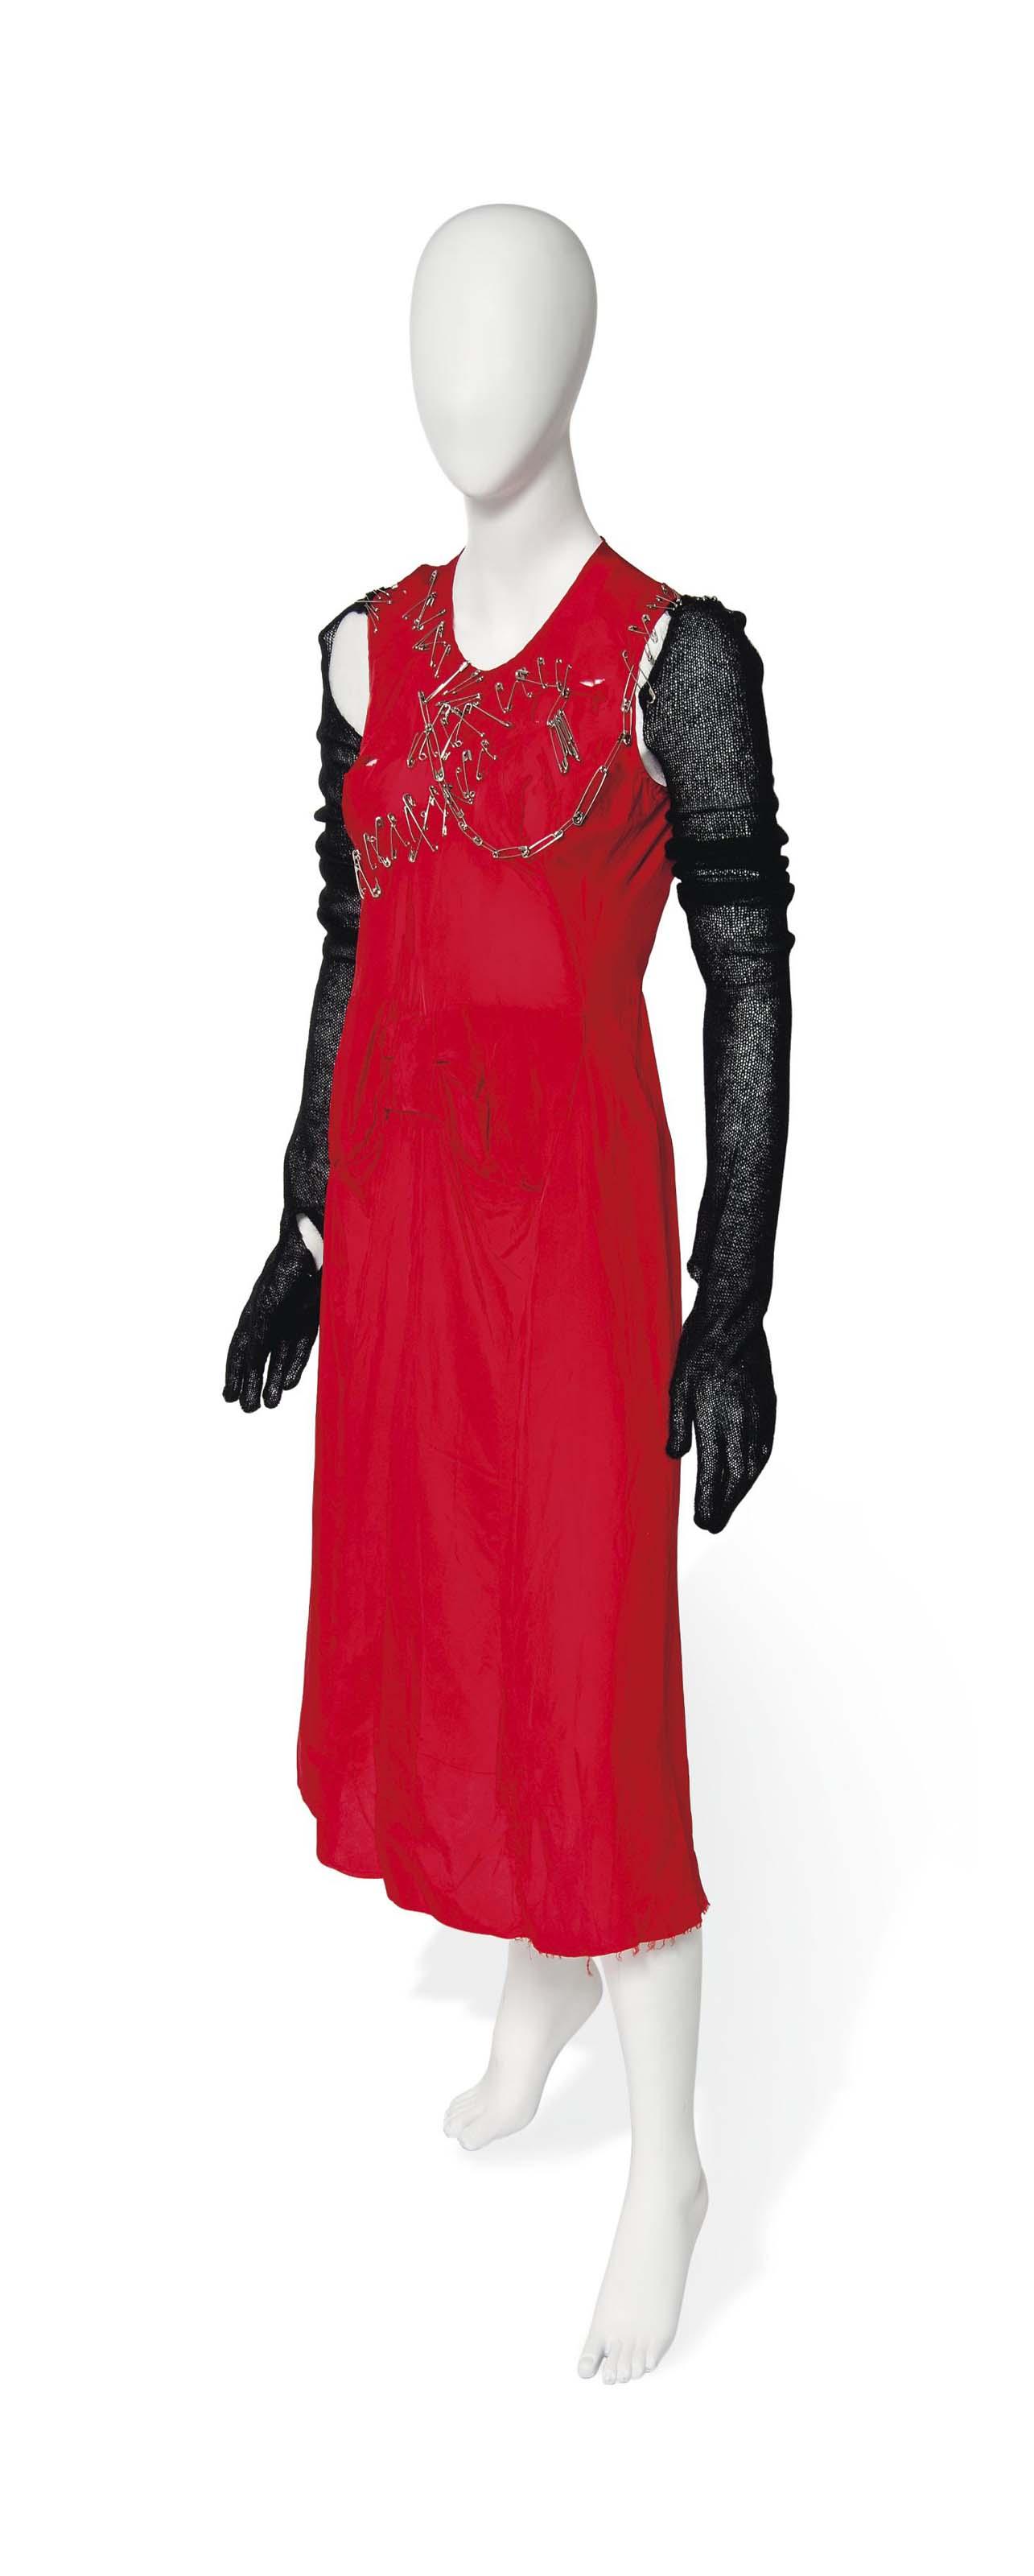 A JUNYA WATANABE FOR COMME DES GARÇONS RED PUNK STYLE DRESS